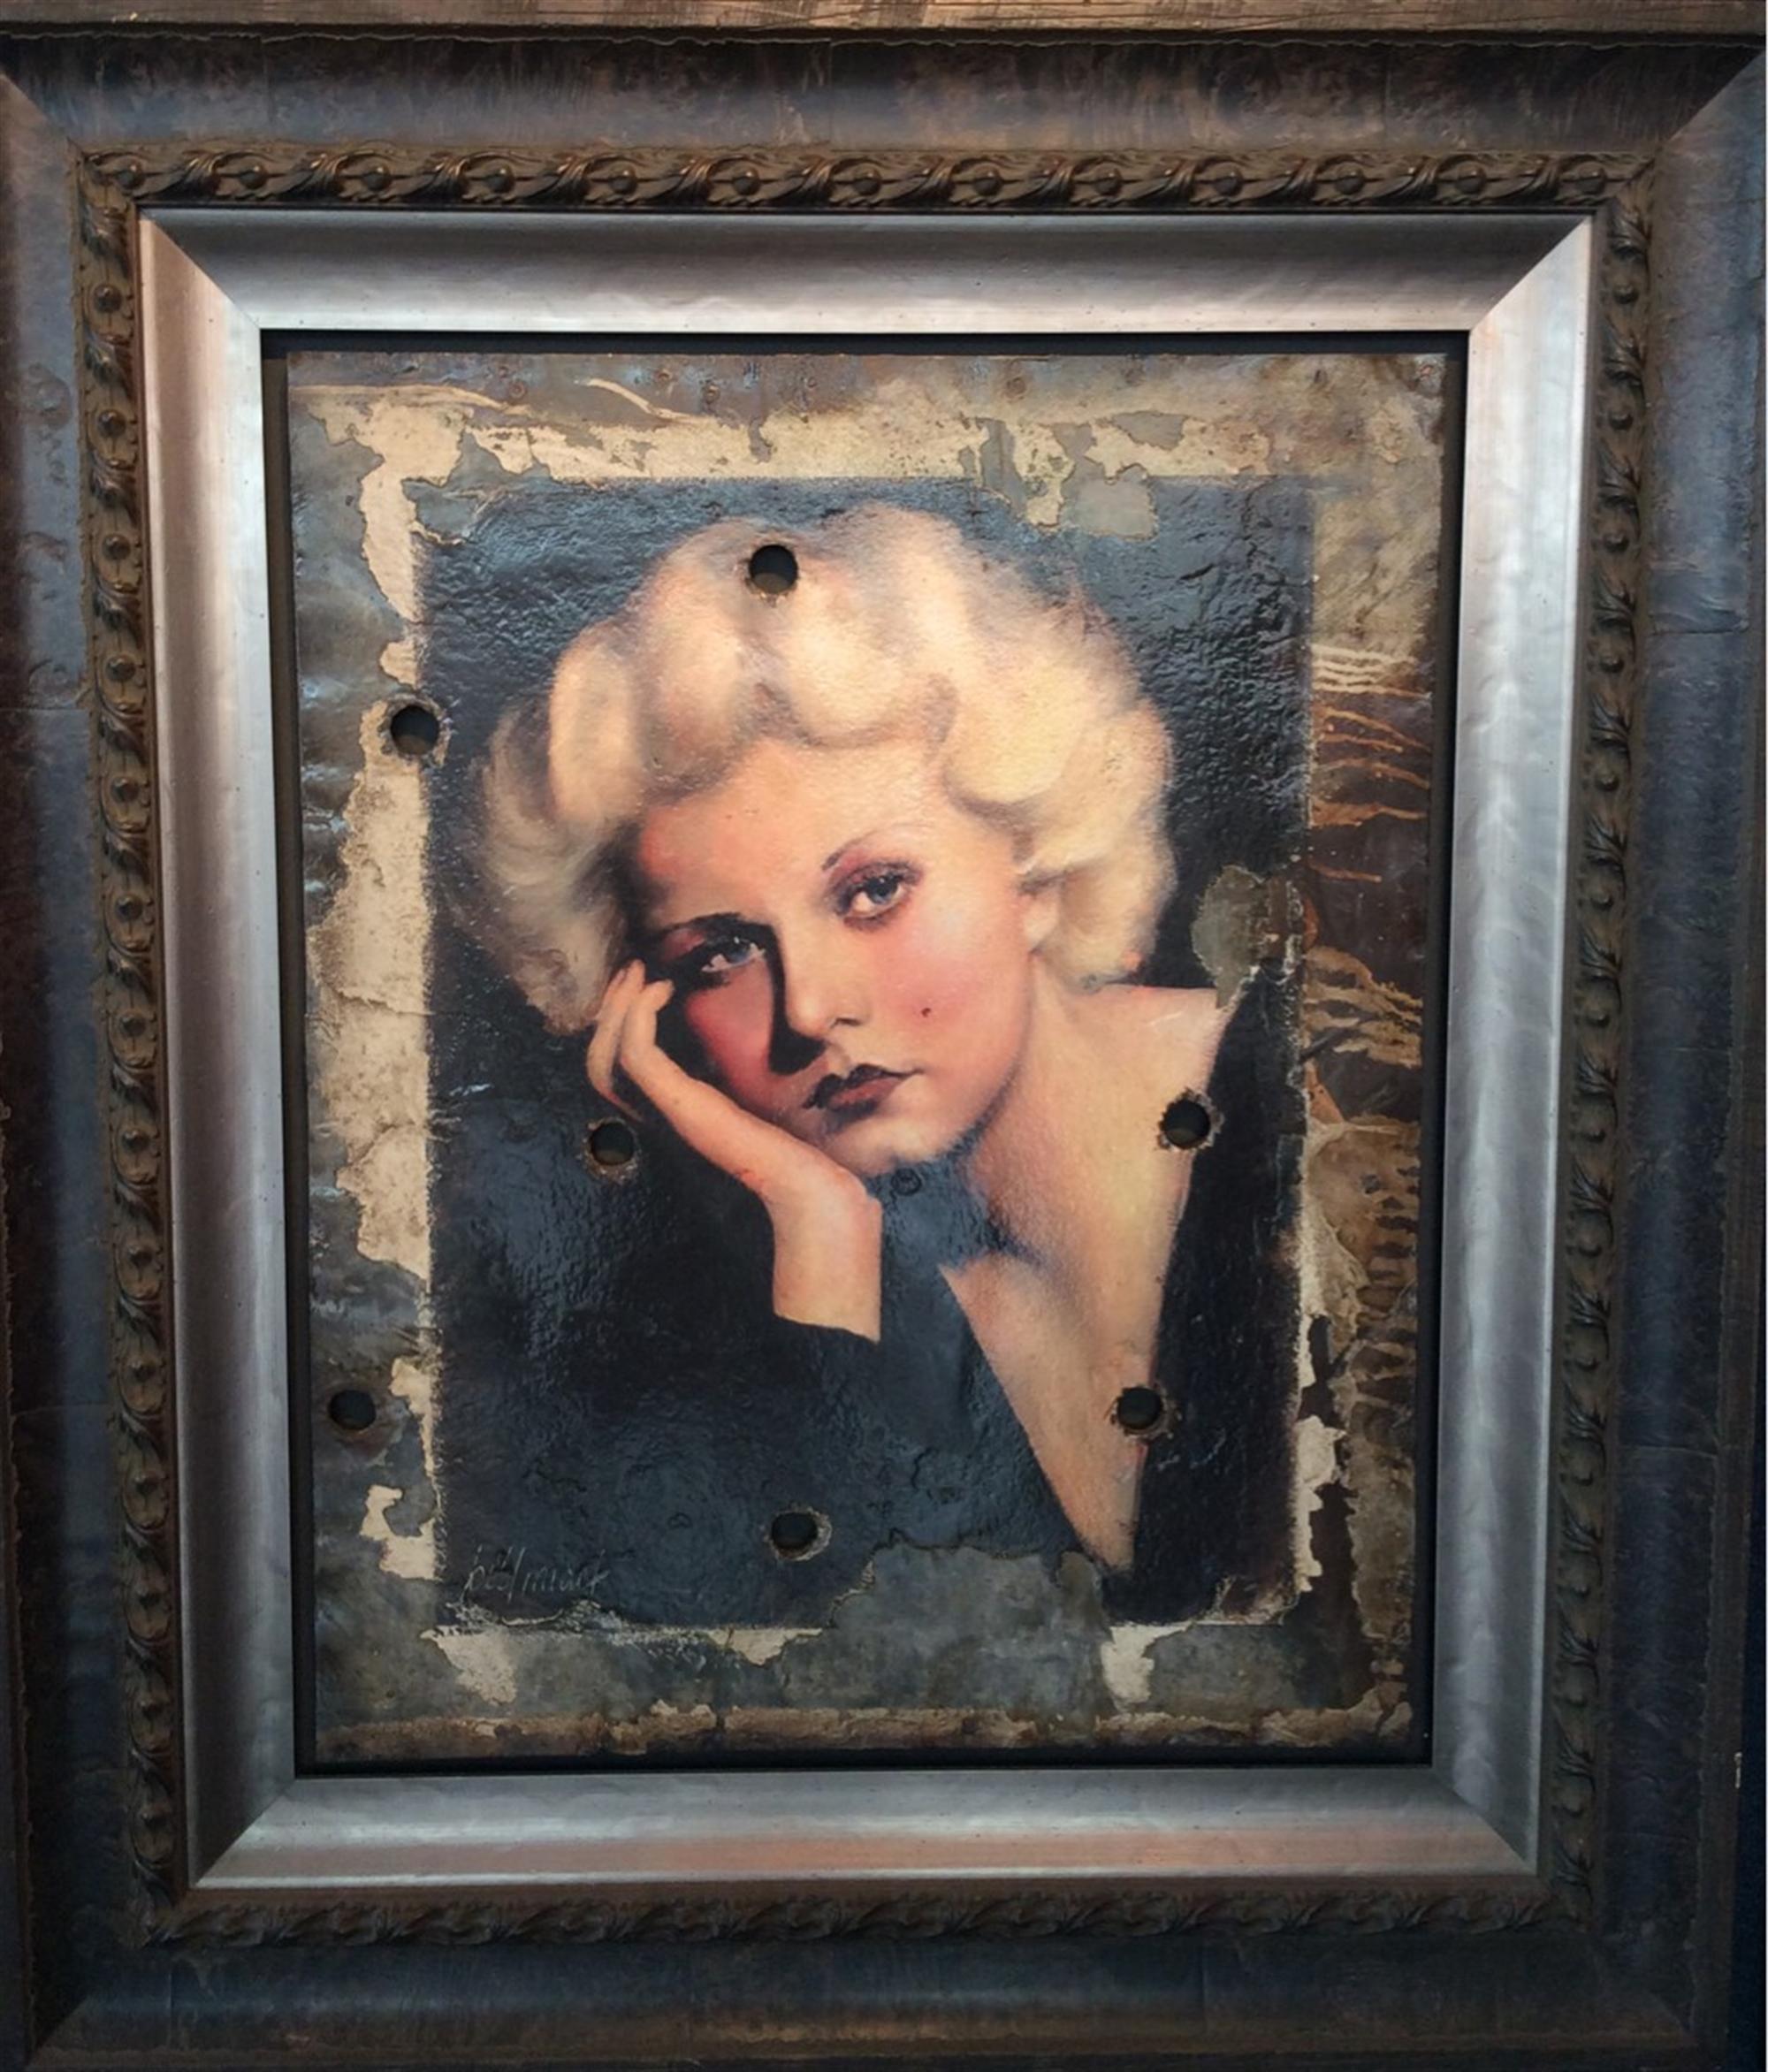 Jean Harlow by Bill Mack